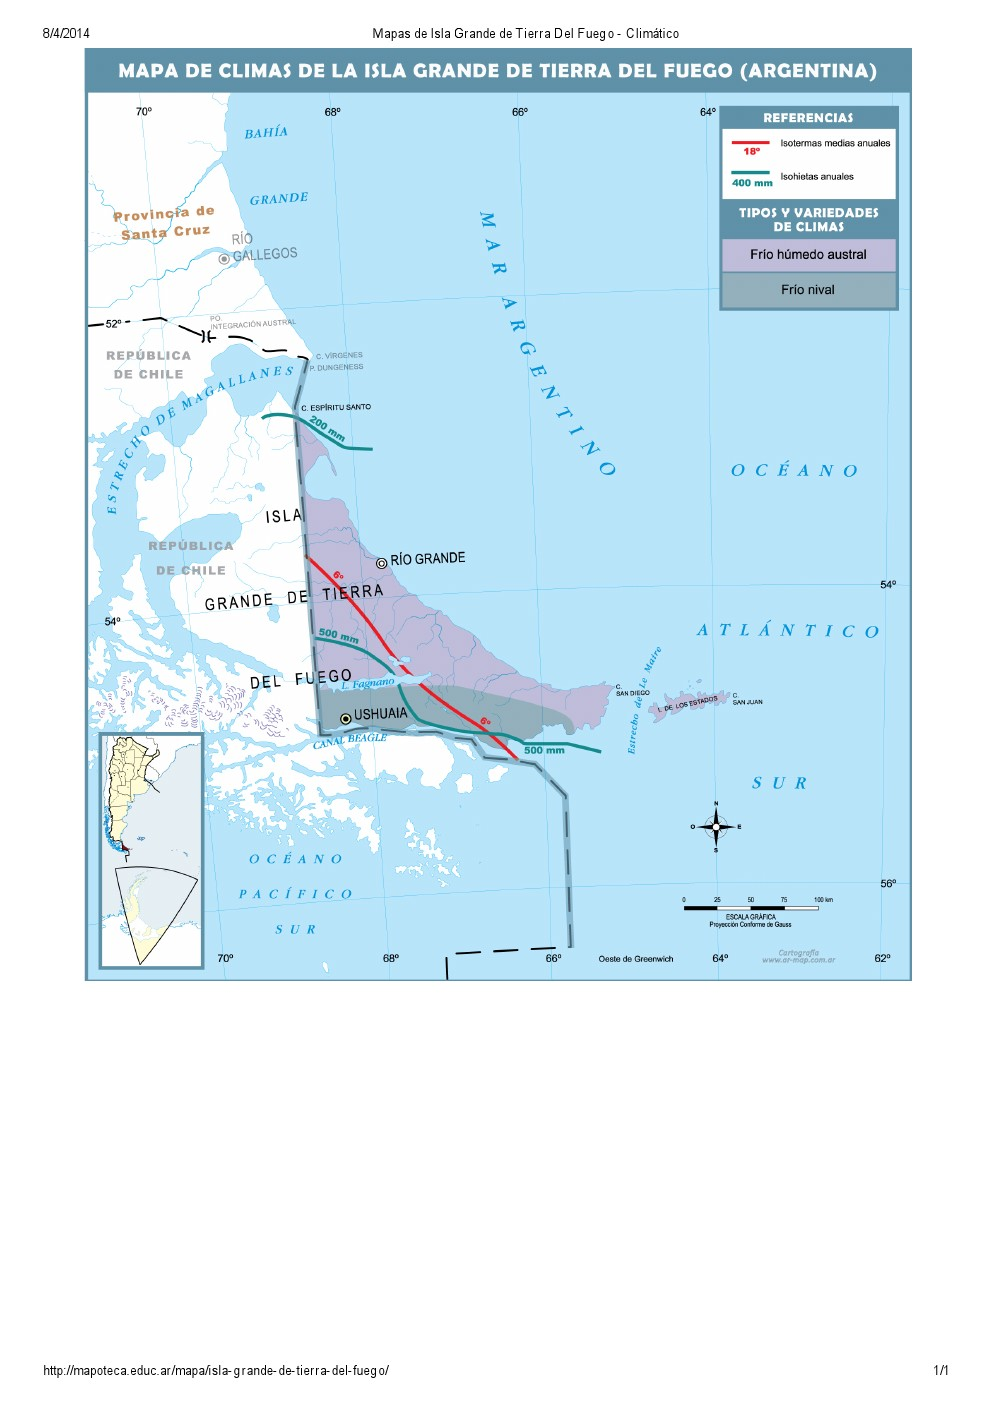 Mapa climático de Isla Grande de Tierra del Fuego. Mapoteca de Educ.ar